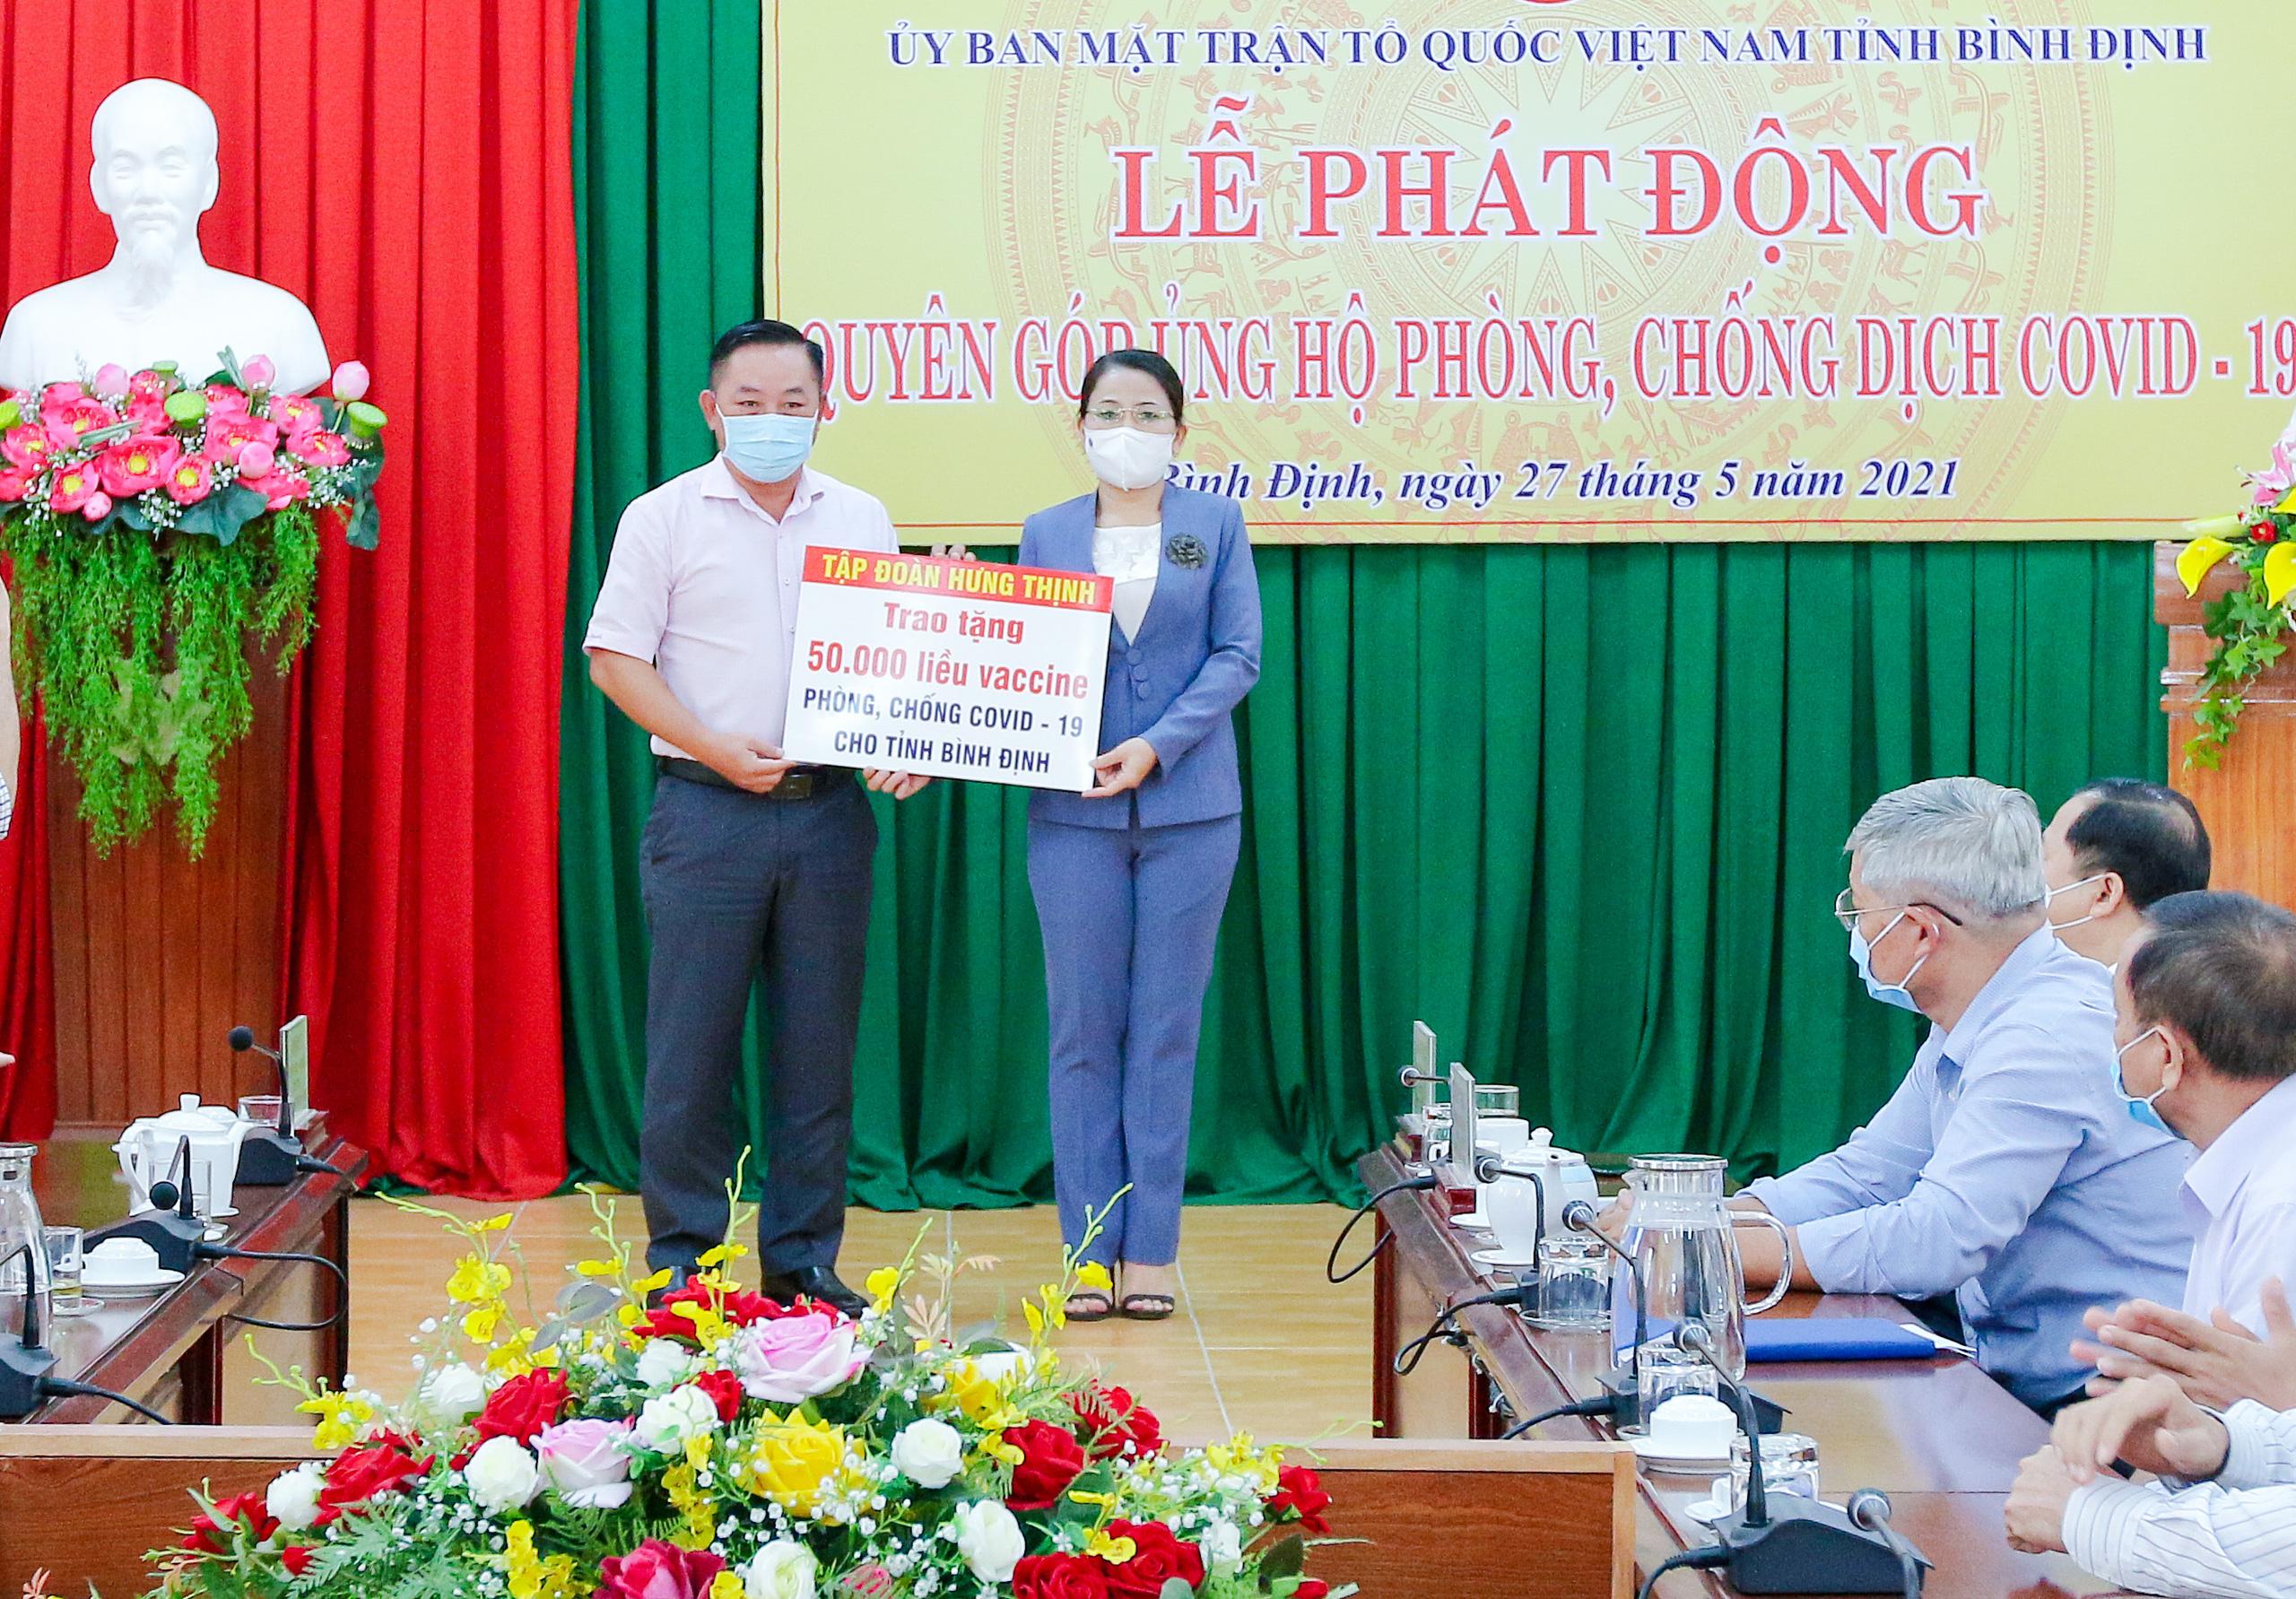 Tập đoàn Hưng Thịnh tặng 50.000 liều vắc xin phòng, chống COVID-19 cho tỉnh Bình Định - Ảnh 2.